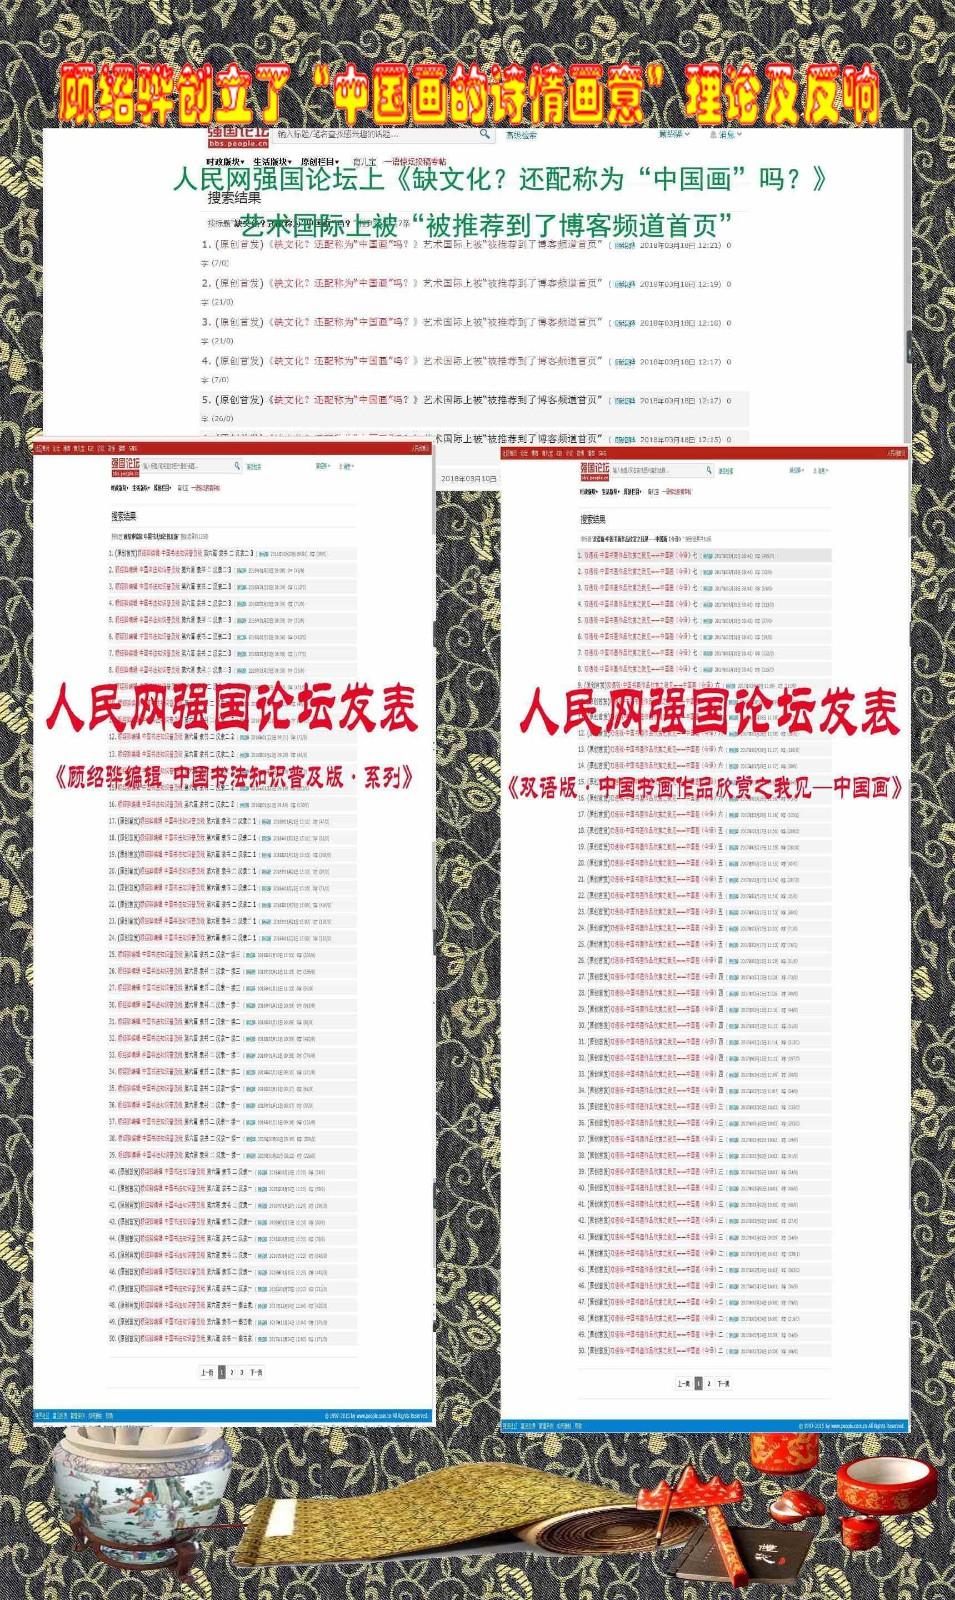 顾绍骅在中国画方面作出的一点贡献_图1-10